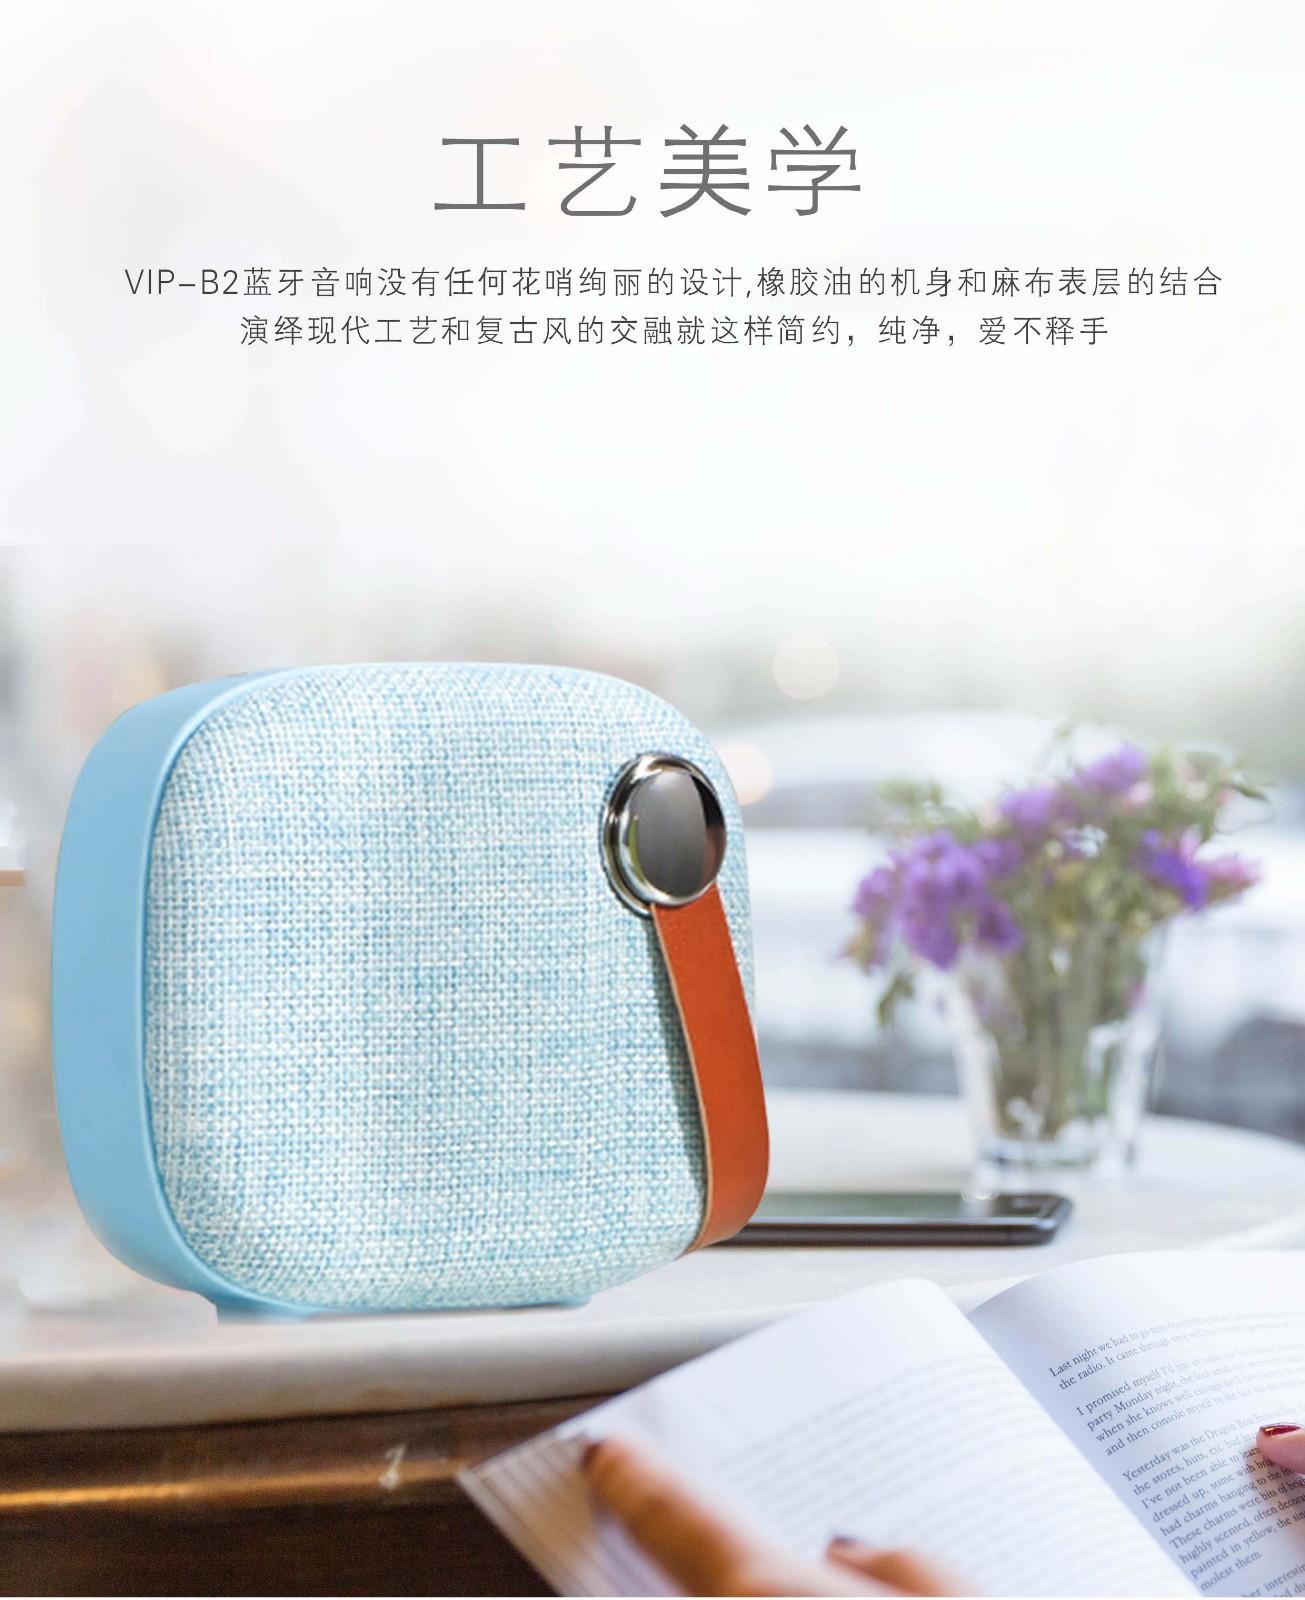 金威澎VIP02 布艺蓝牙音箱